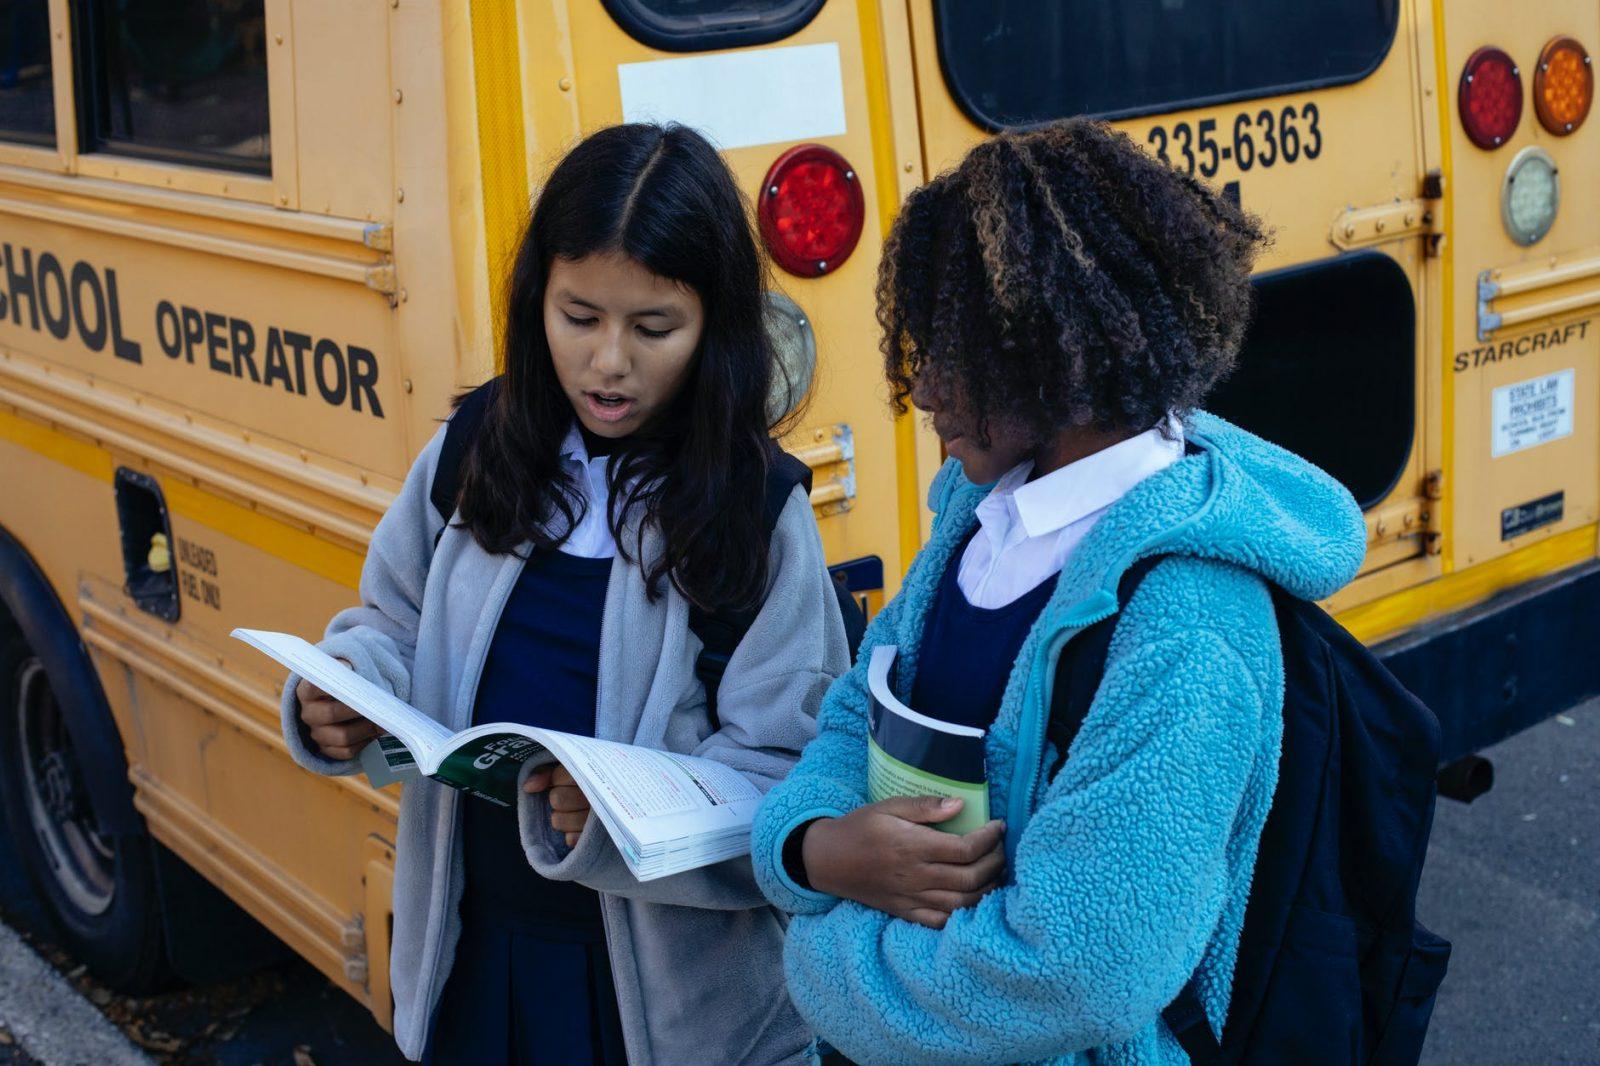 multiracial little girls near school bus